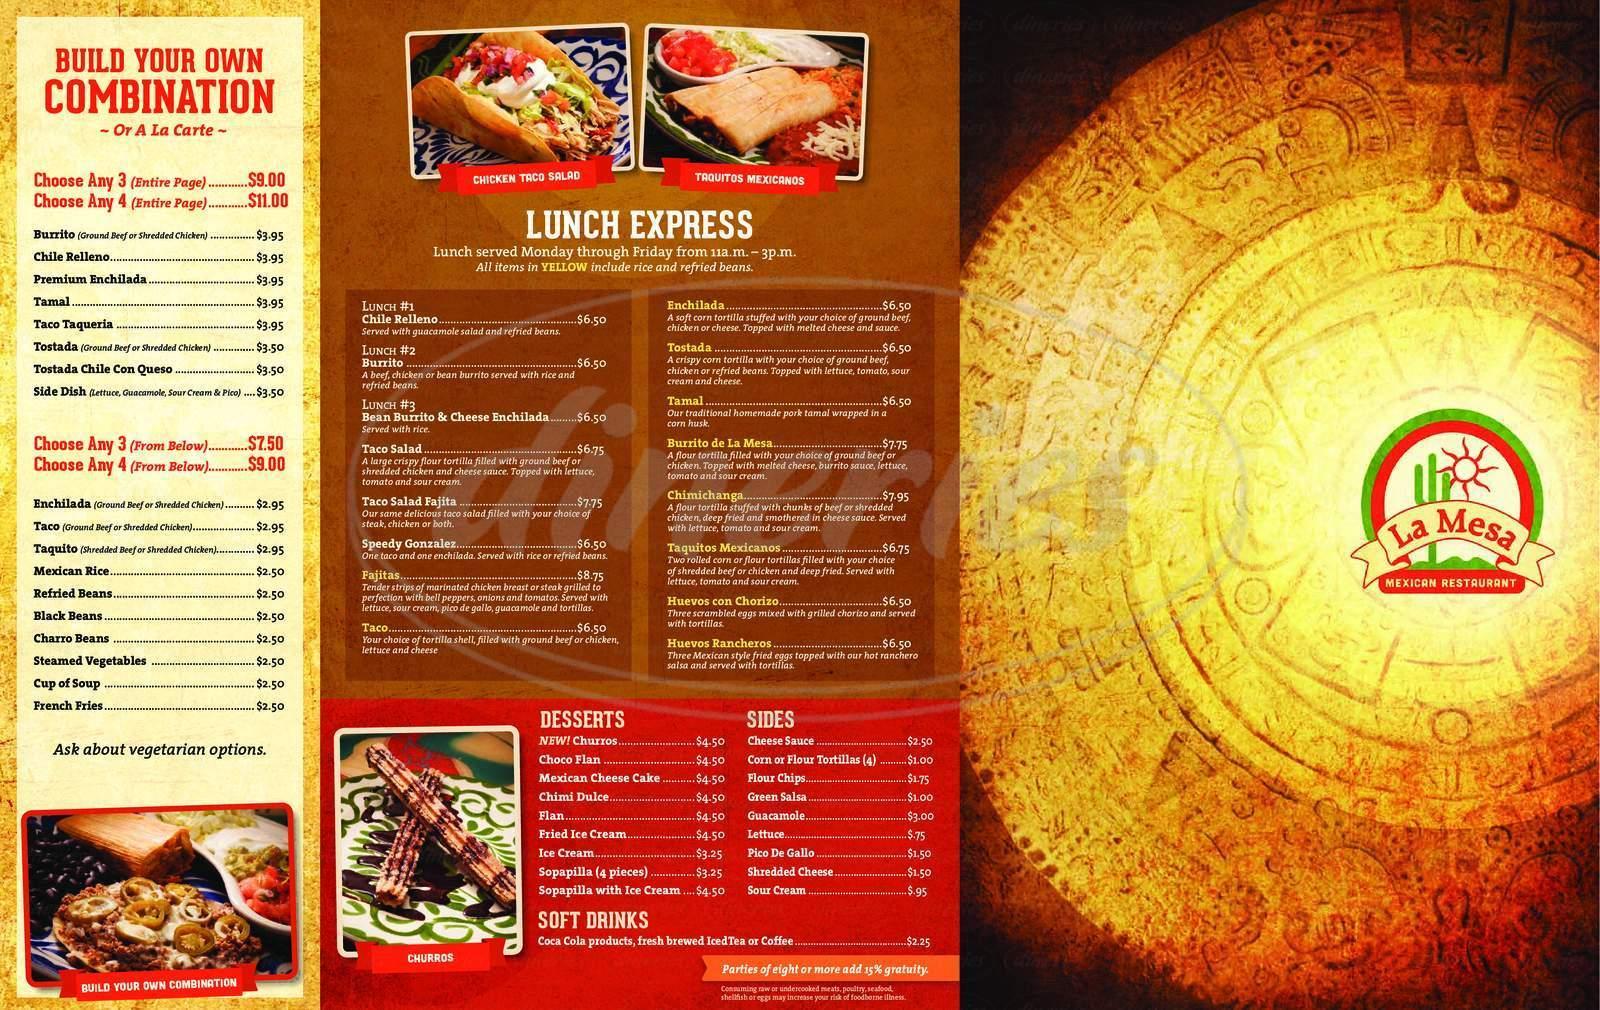 menu for La Mesa